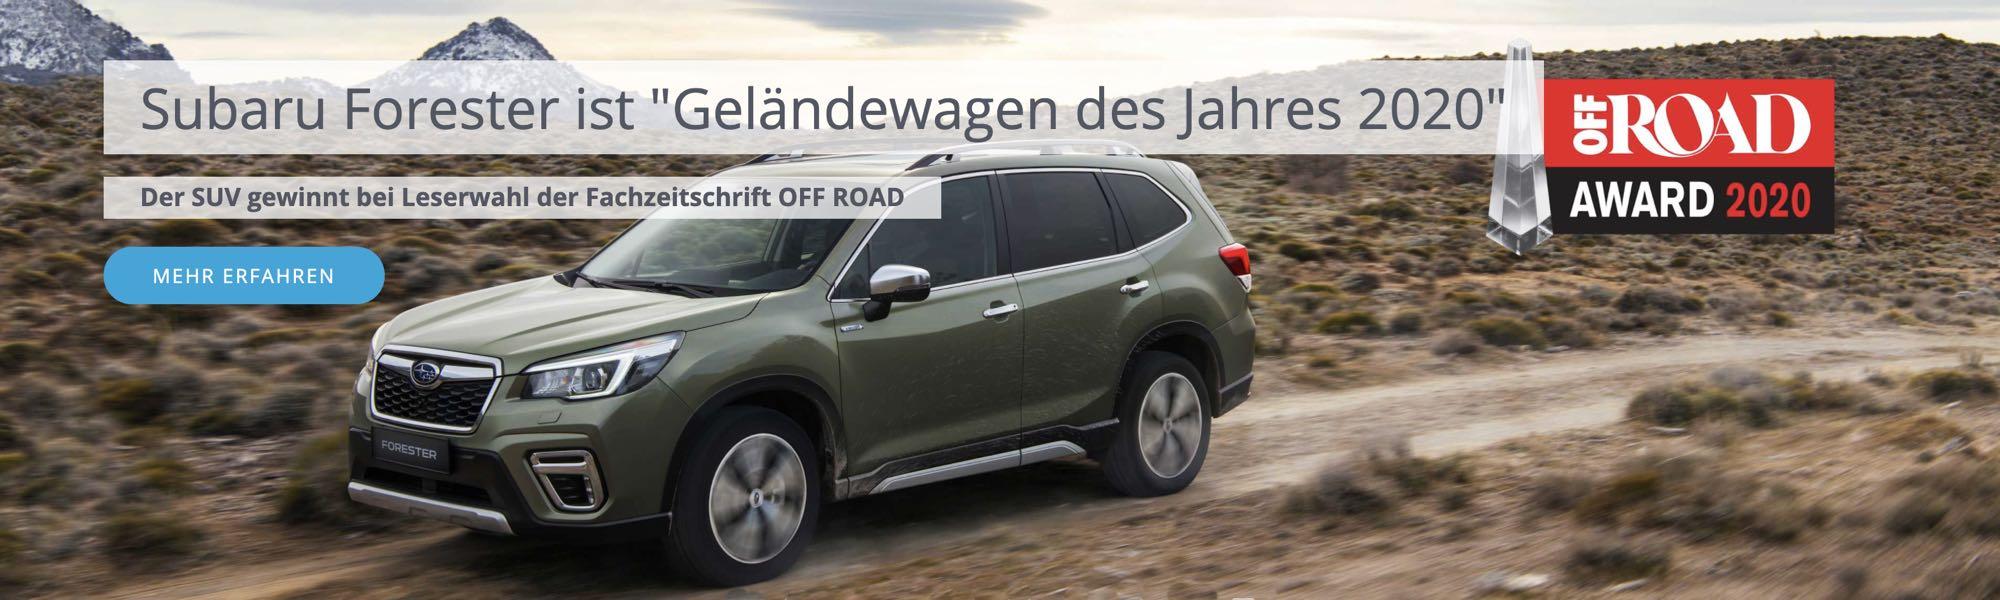 Der neue Subaru Forester